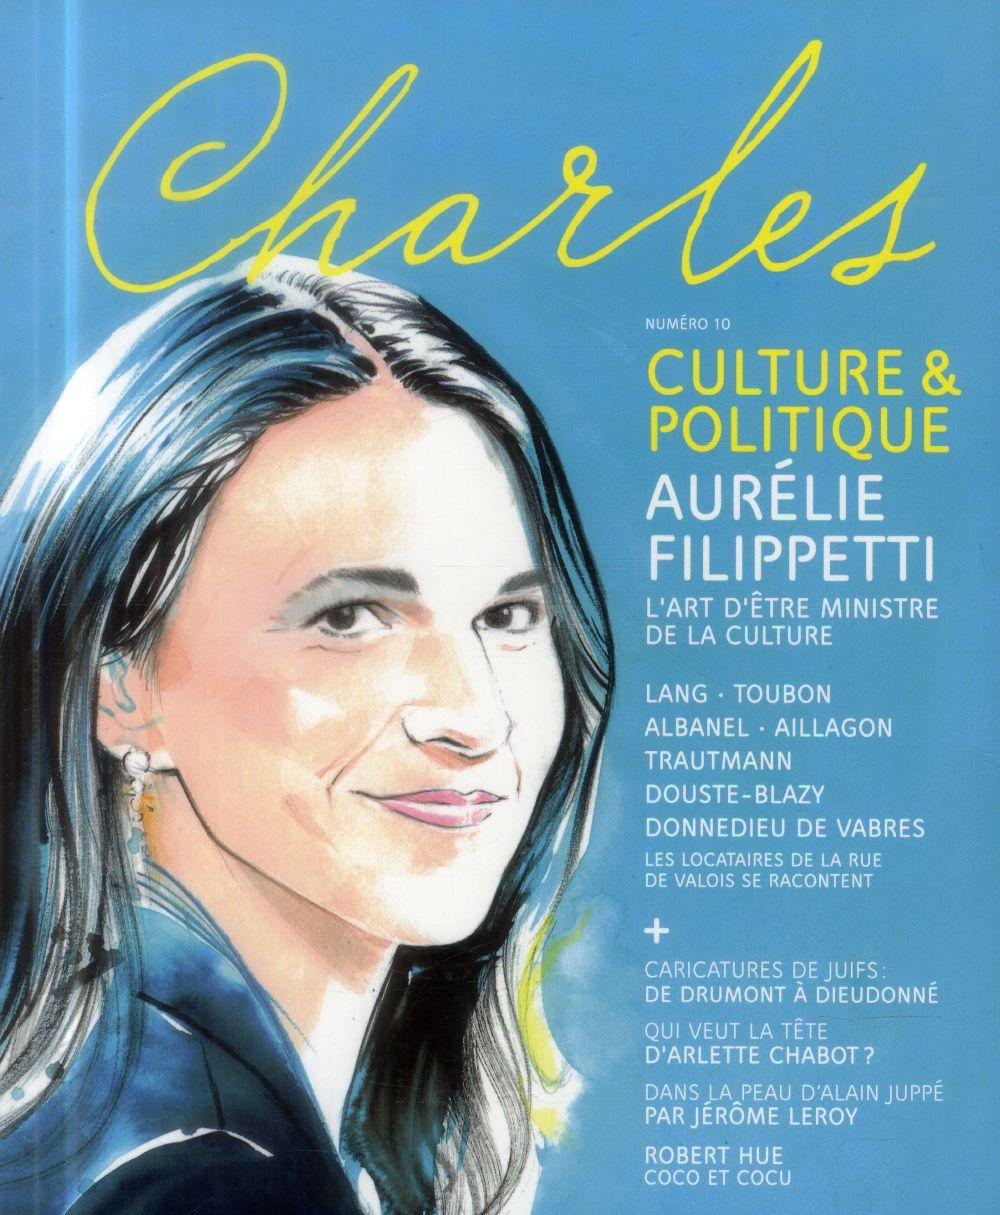 Revue charles n.10 ; culture et politique